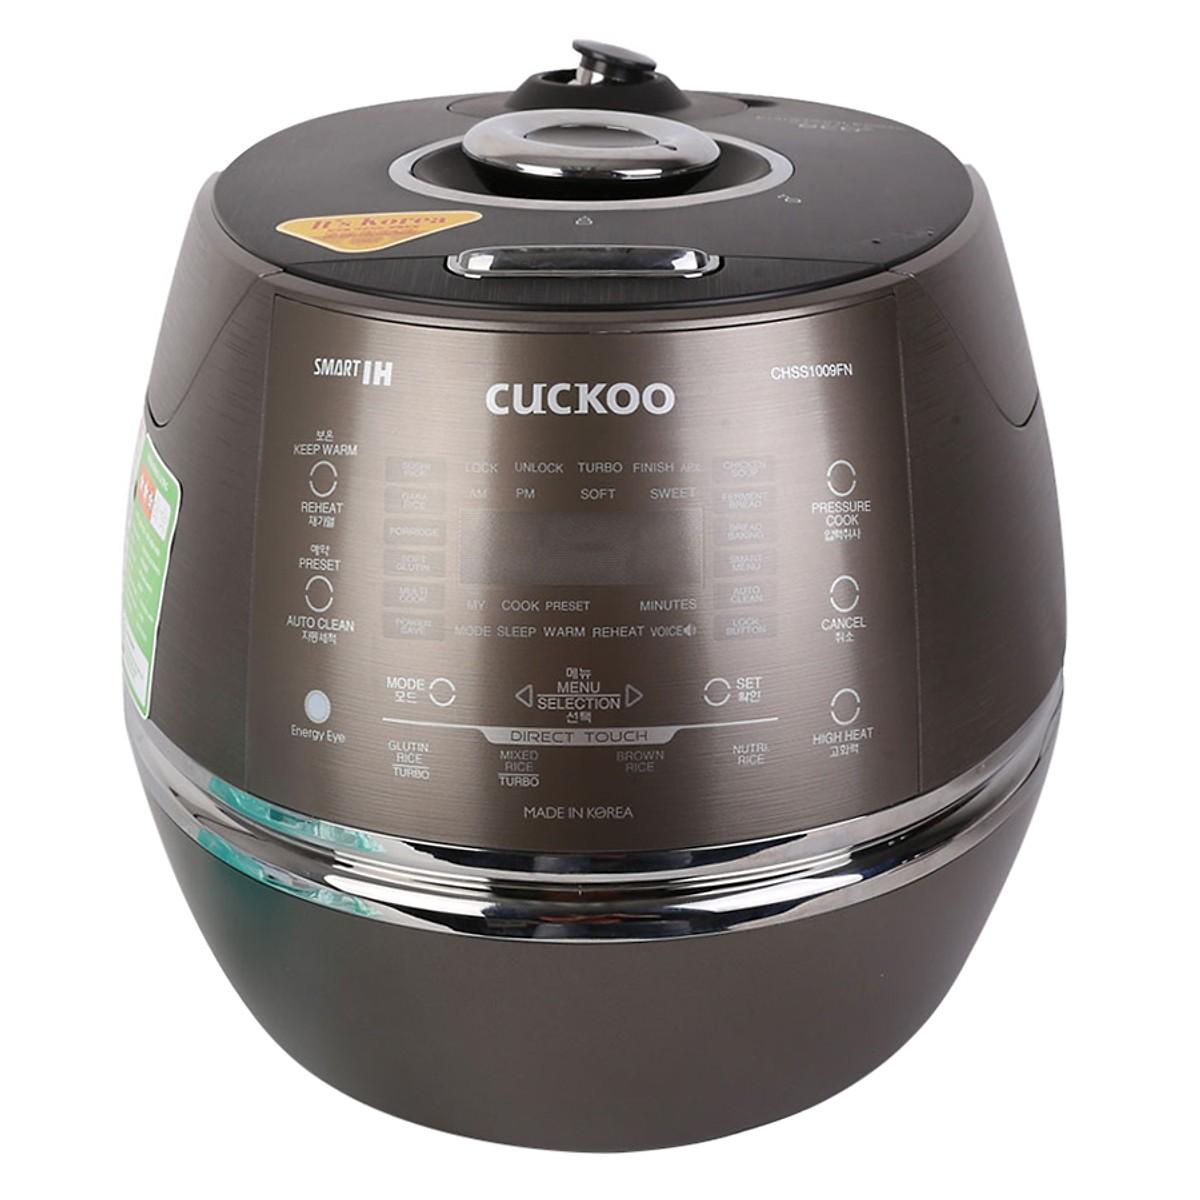 Nồi Cơm Cao tần Áp Suất Cuckoo CRP-CHSS1009FN